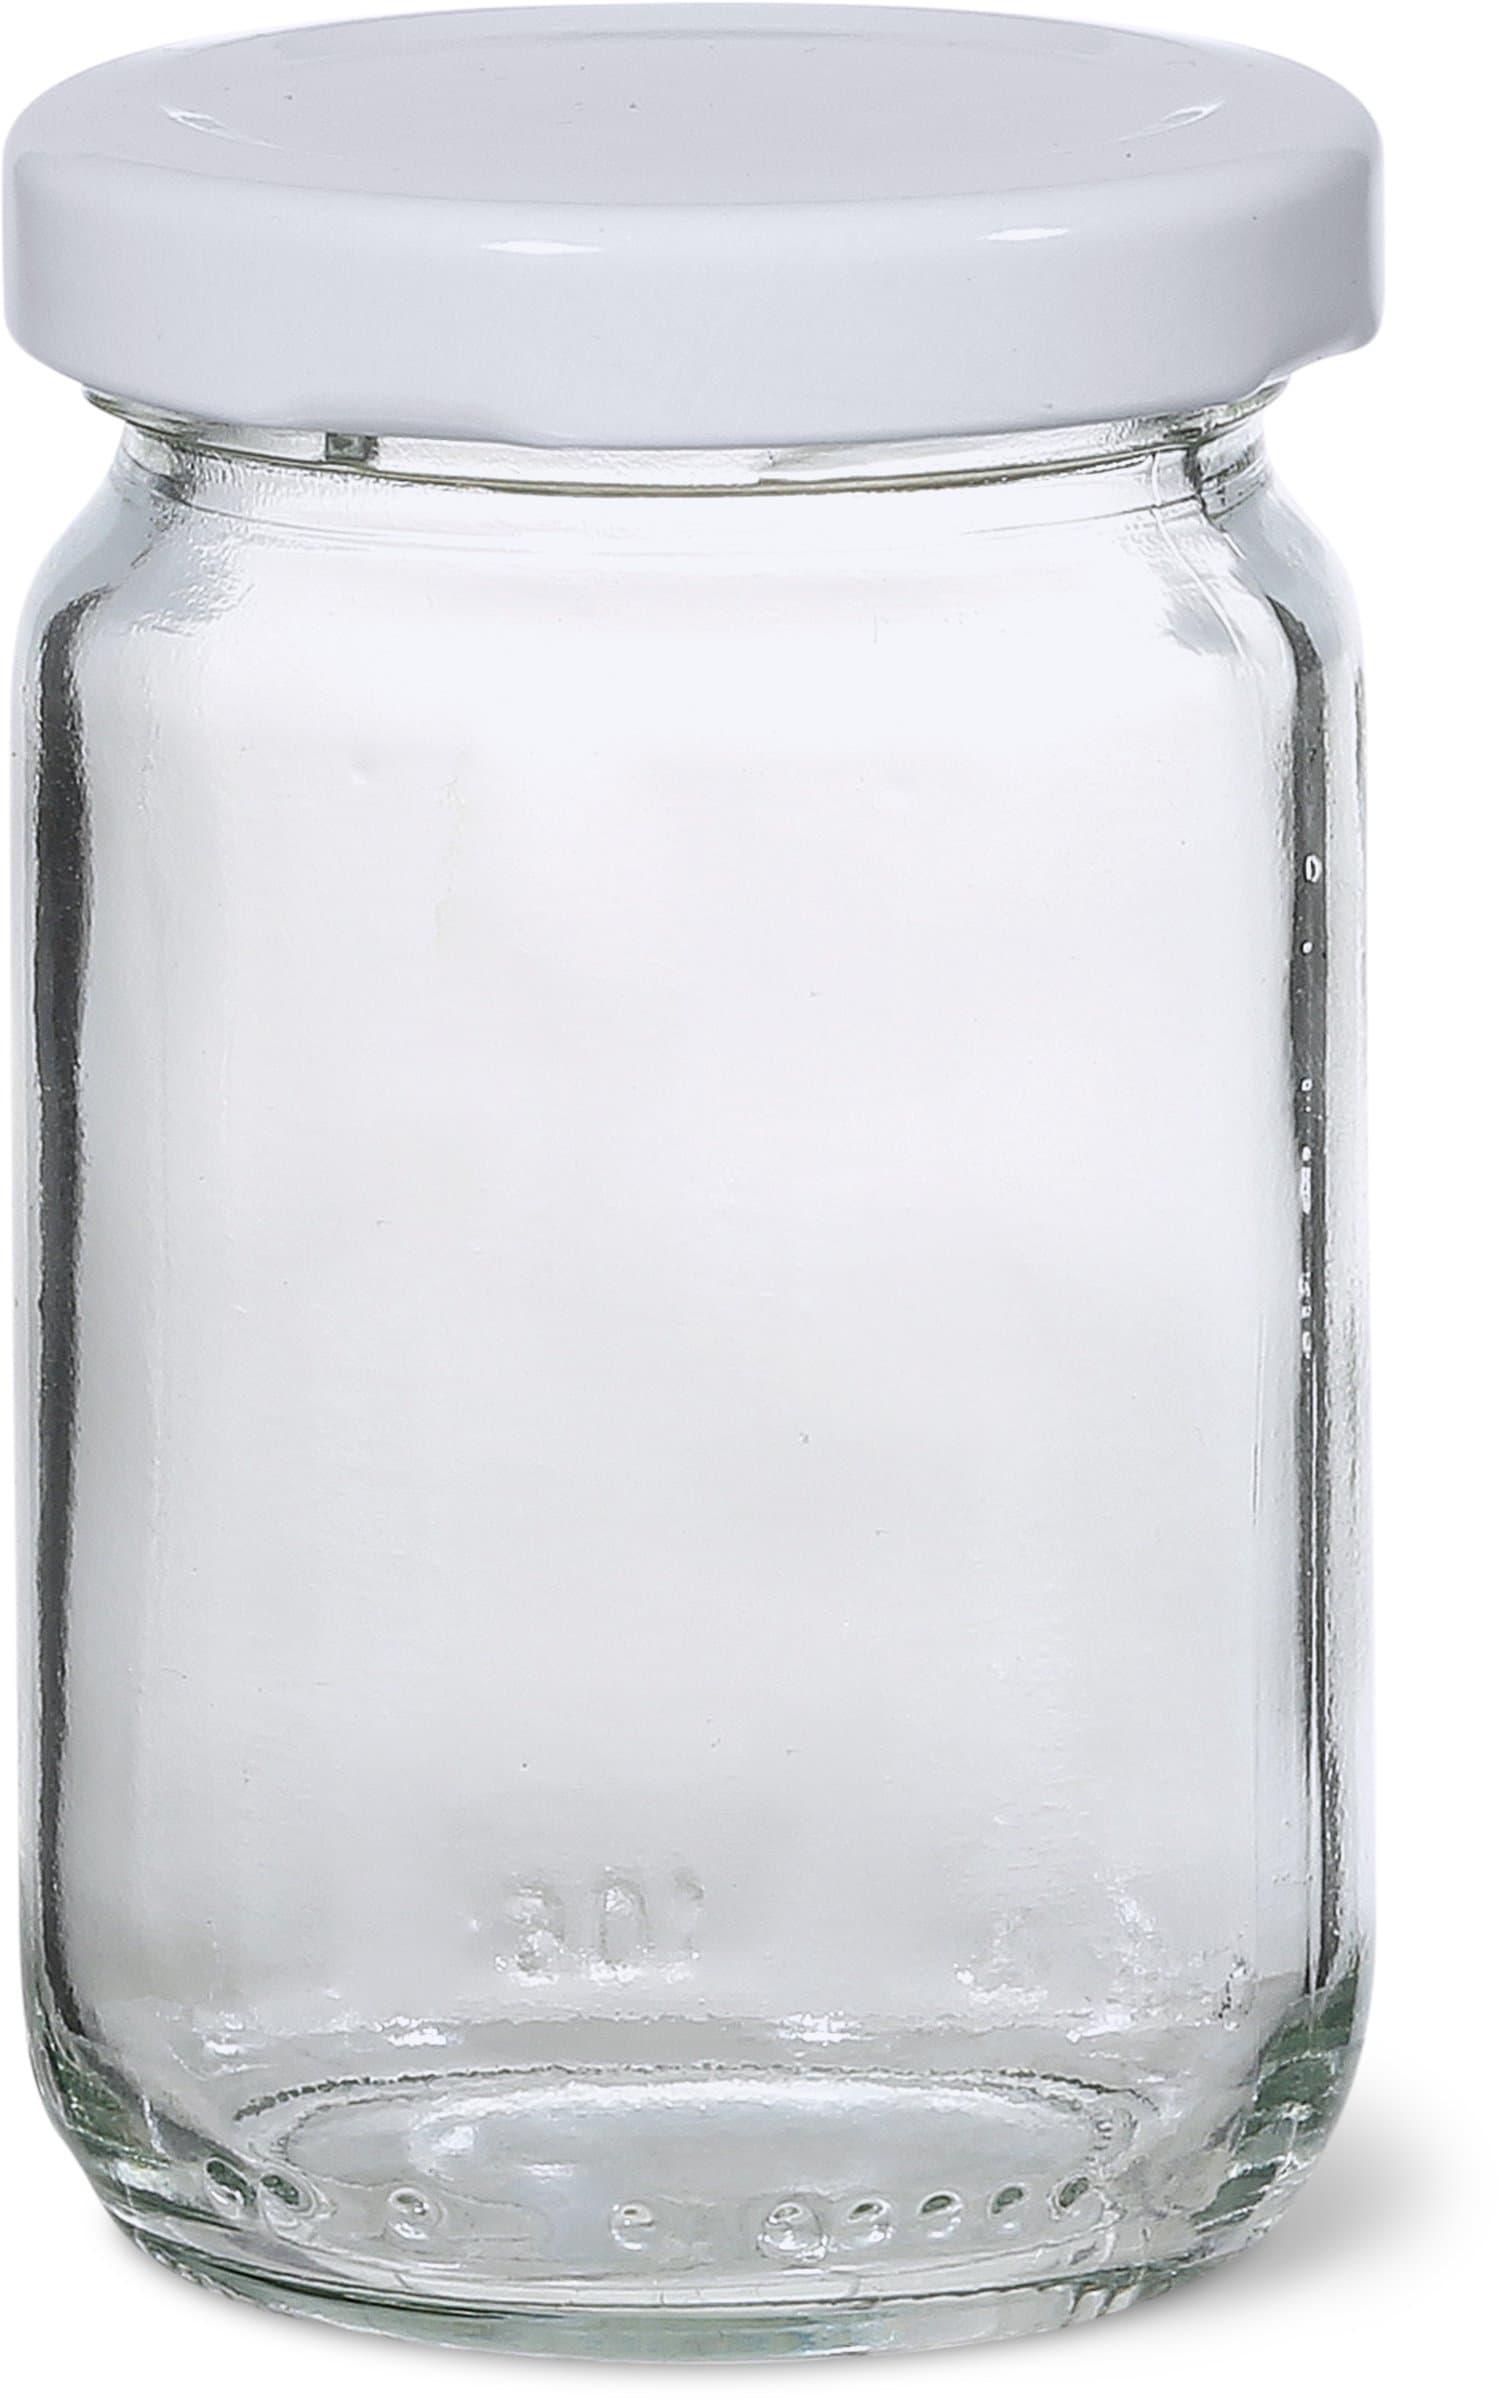 Cucina & Tavola Pot de miel 10cl